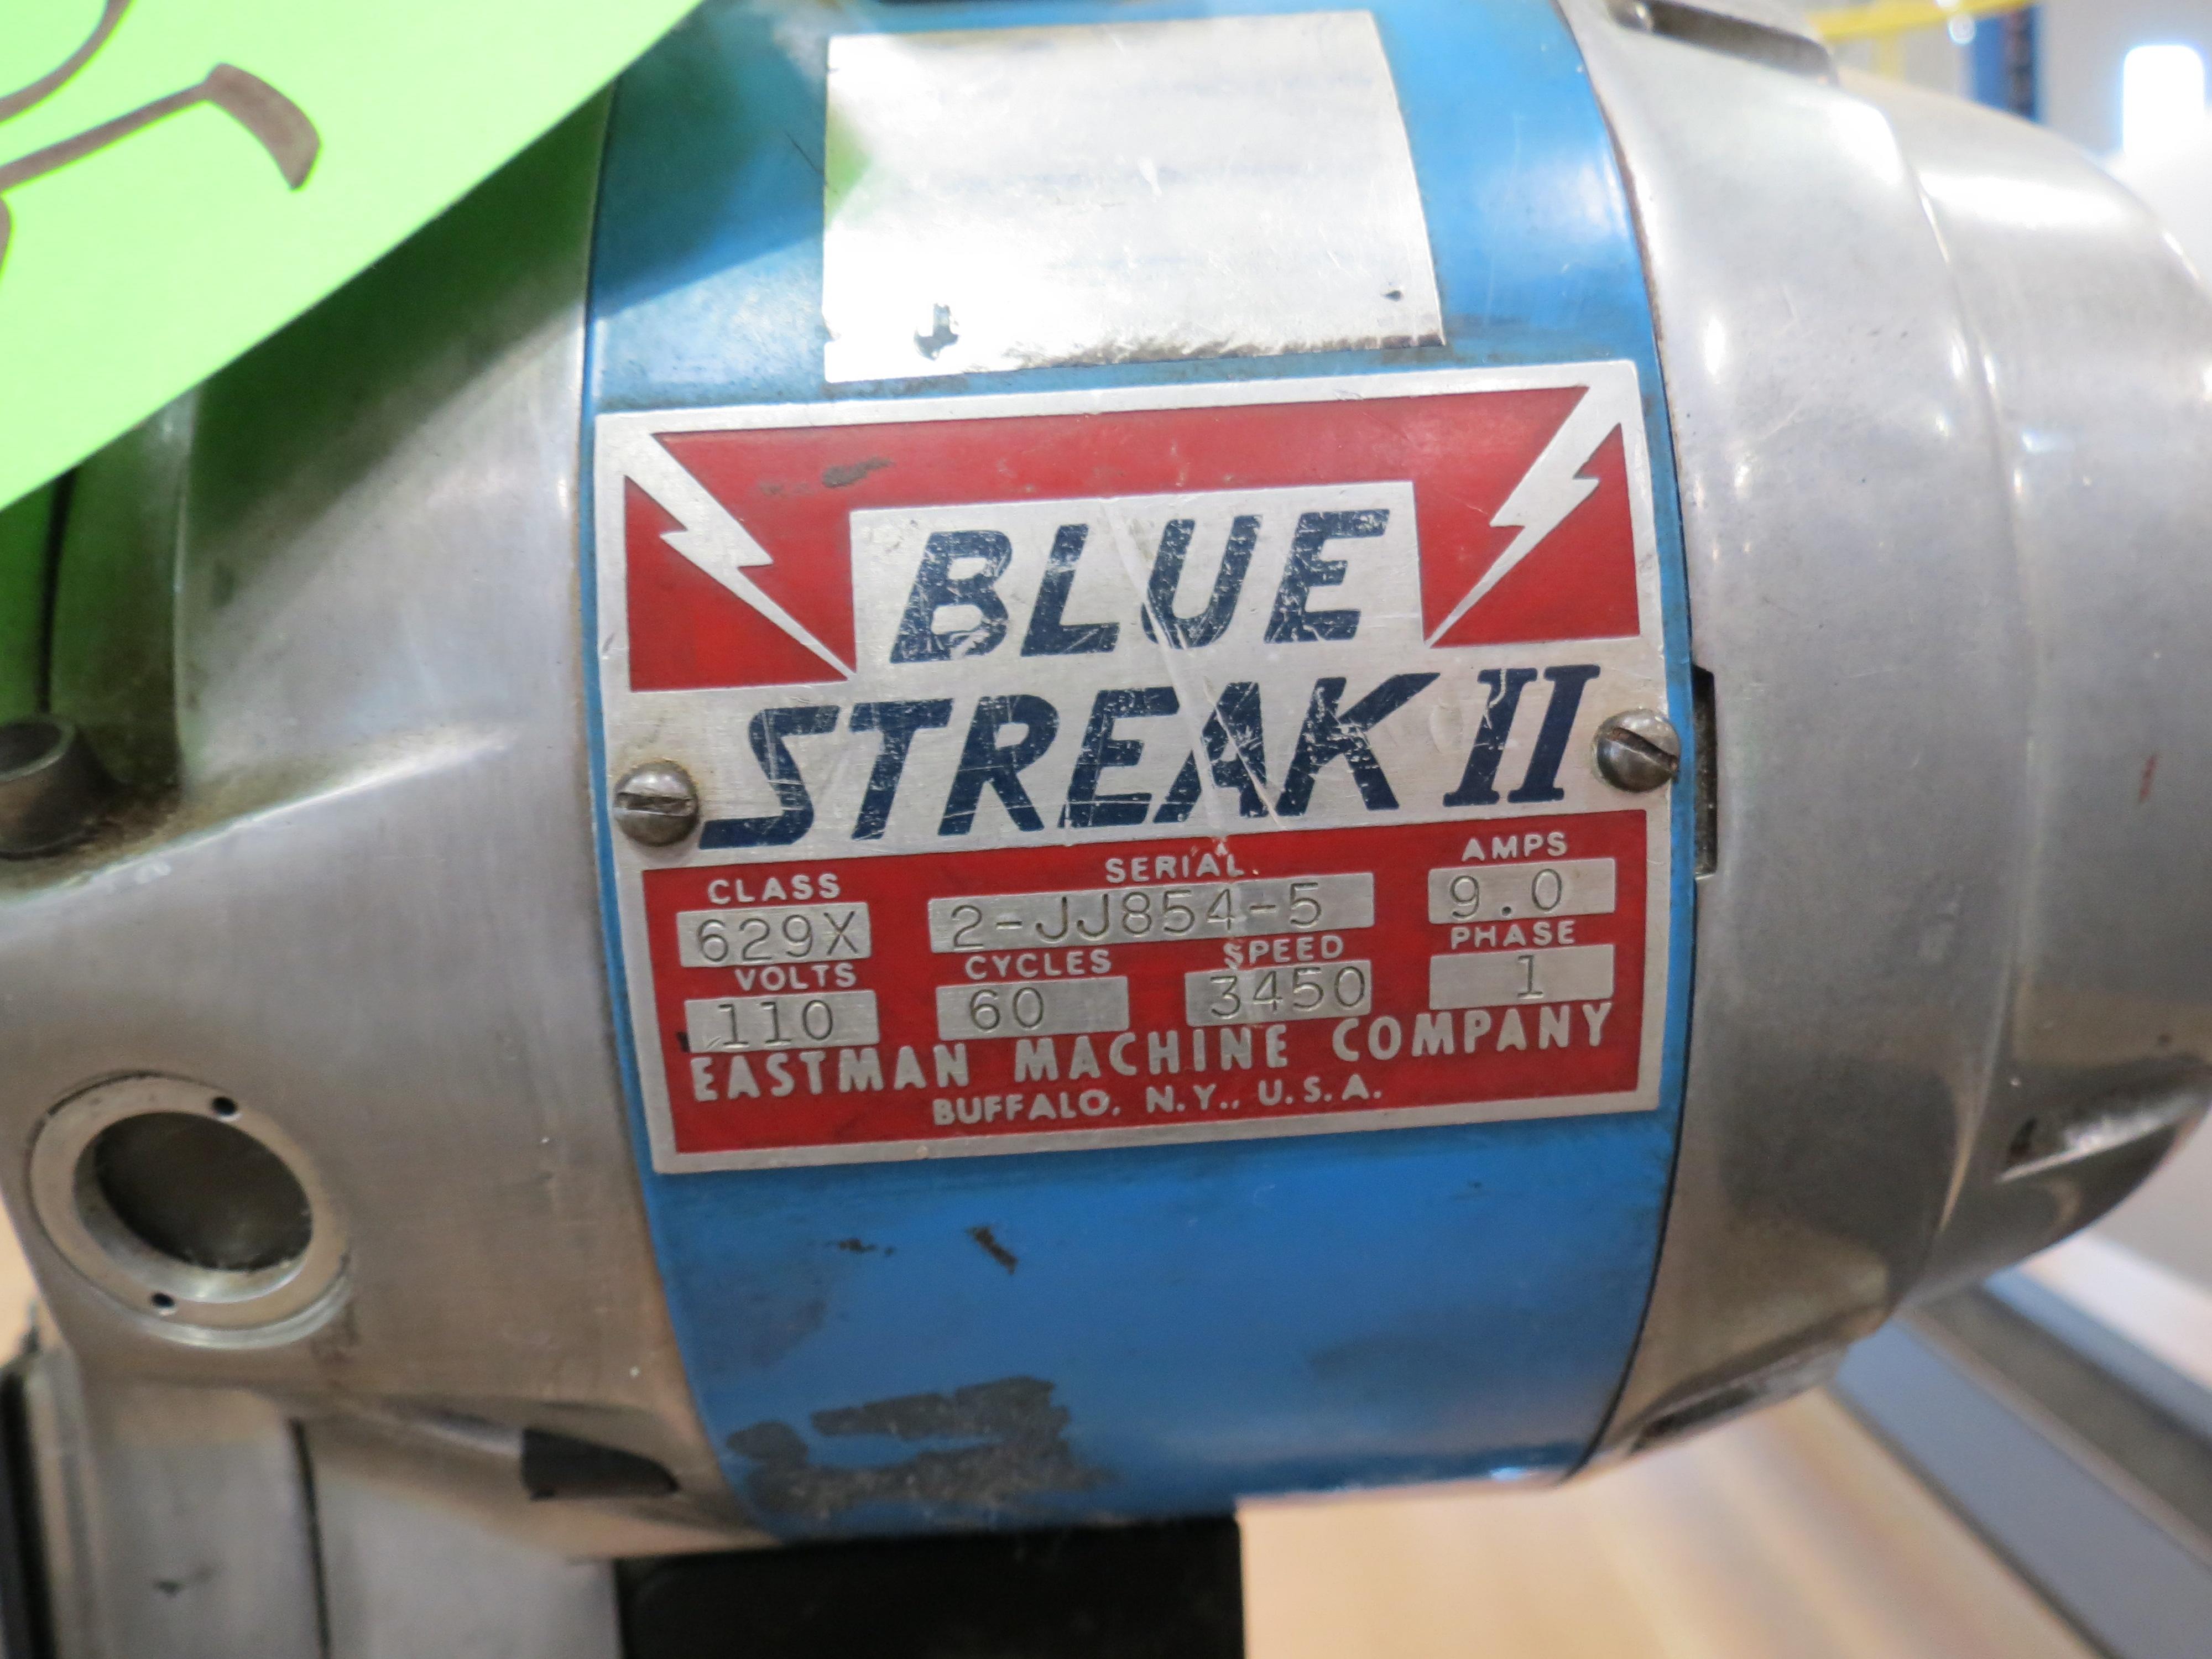 Eastman Blue Streak II 629X Hand Cutter Machine, 110V, SN:2-JJ854-5 - Image 2 of 2